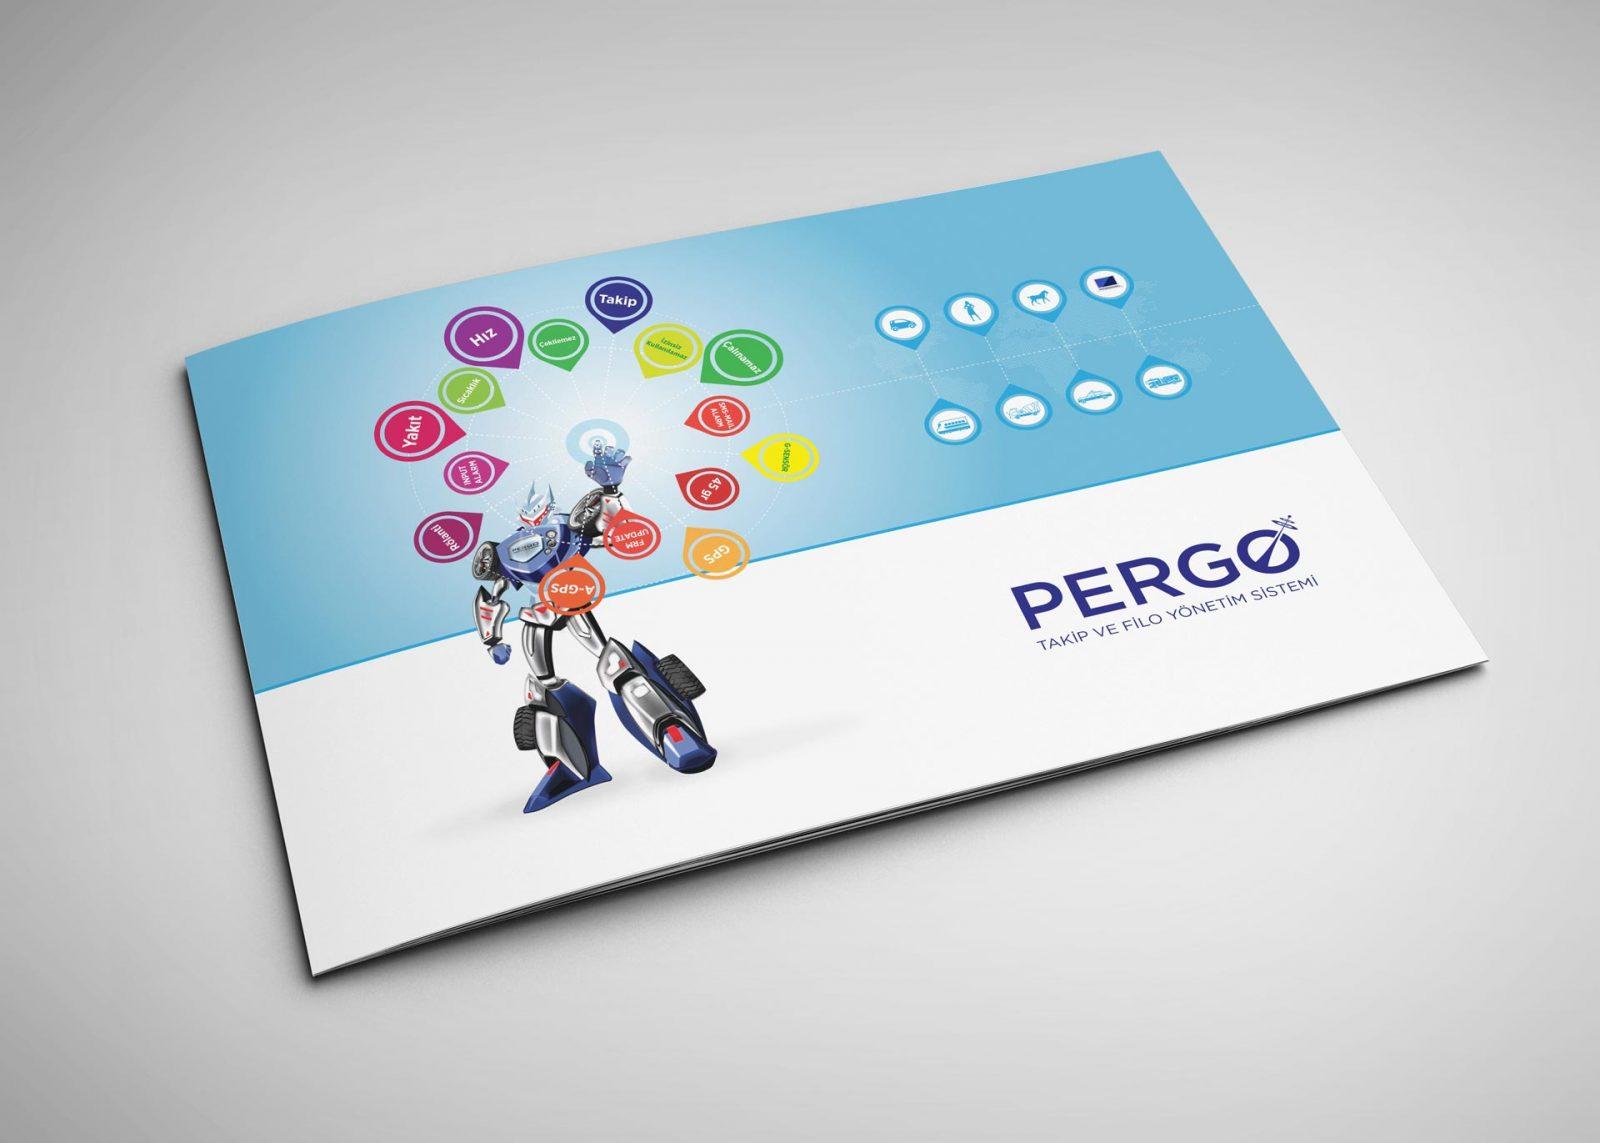 pergo broşür tasarımı 01